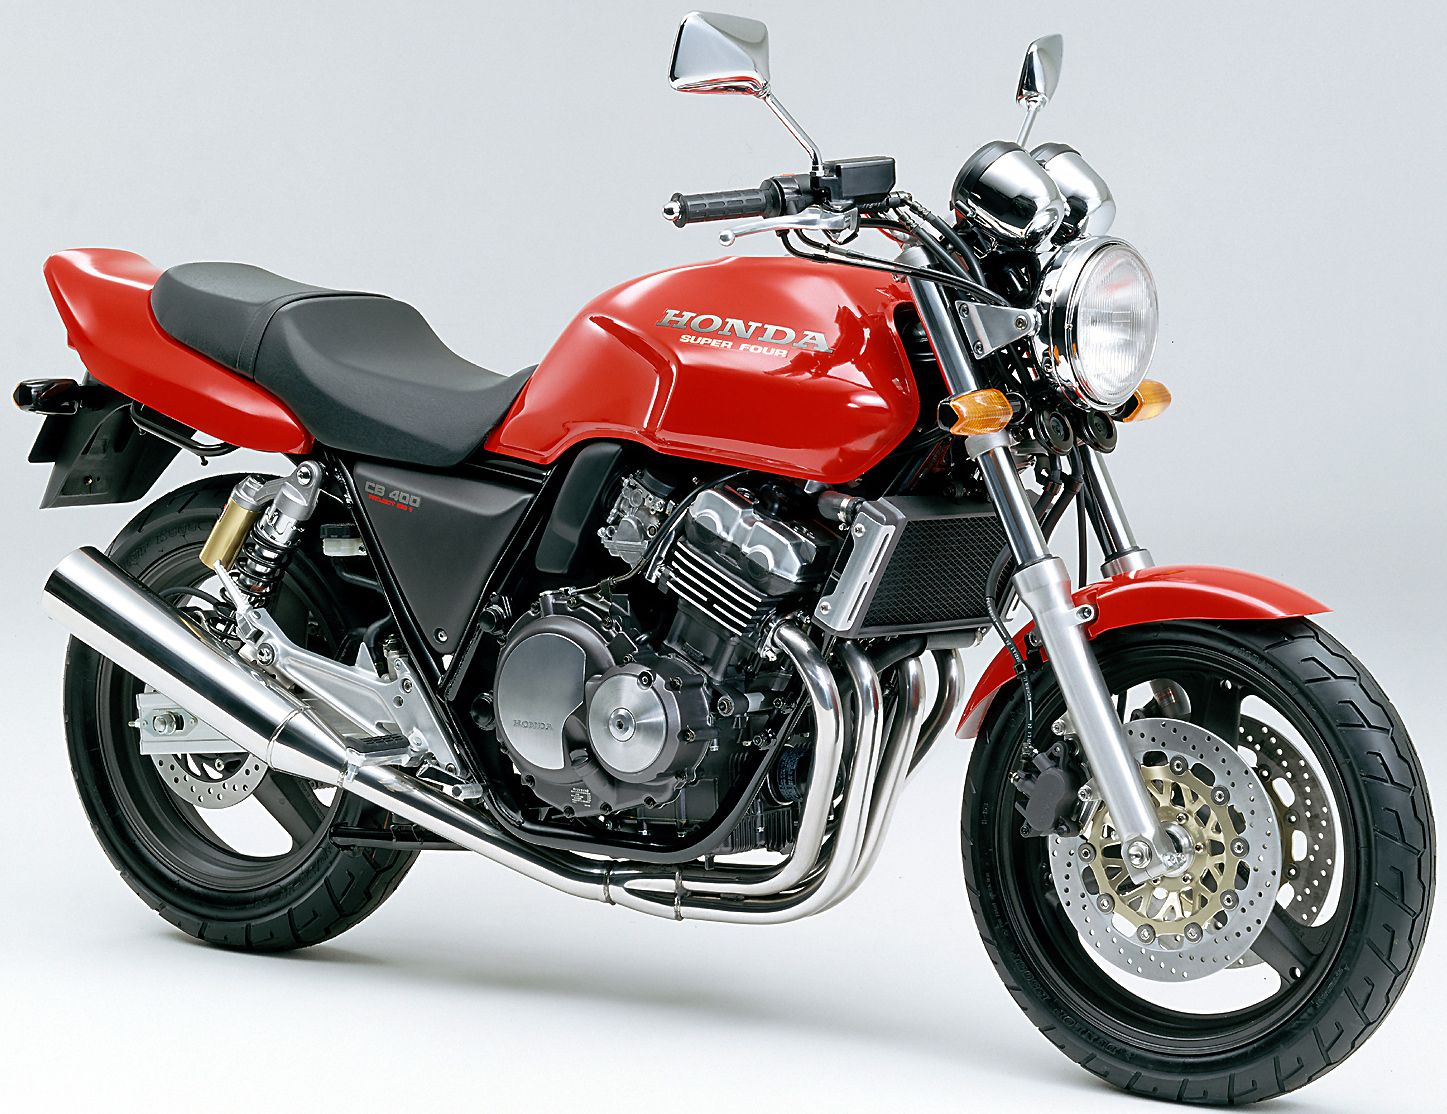 Cb400sfの歴史はここから始まった 1992年 初代 Cb400sf まとめ スーパーバイク ホンダ タンデム